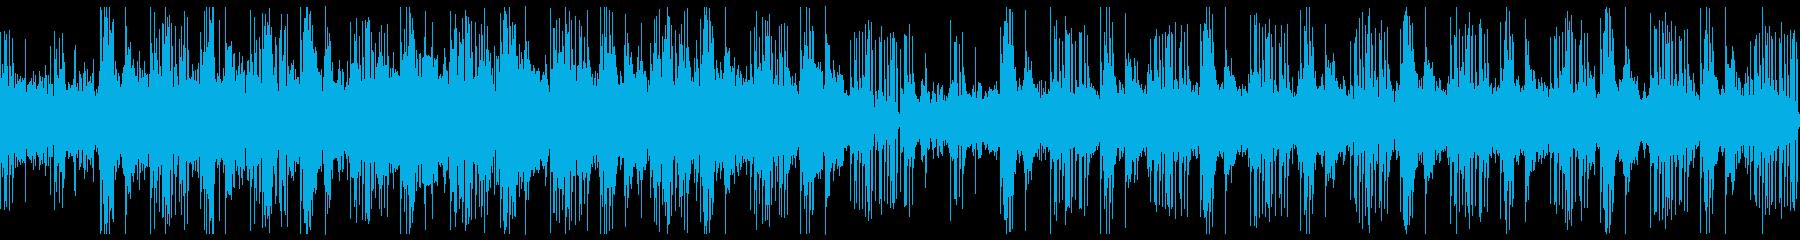 和風を意識したミステリーホラー向けの曲の再生済みの波形